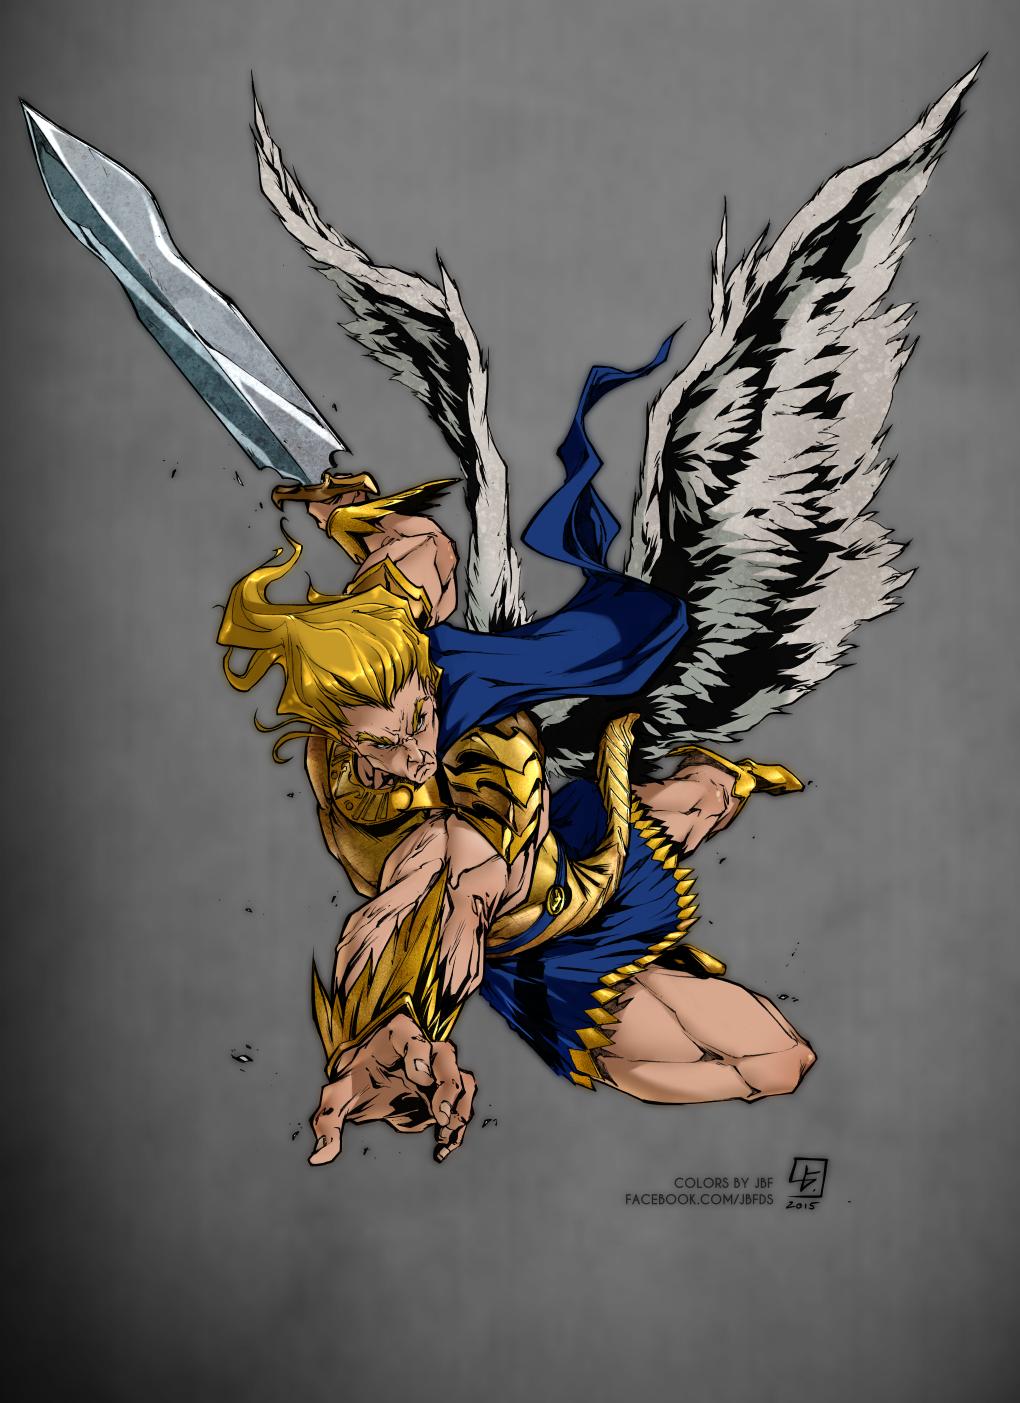 Color commission - Archangel